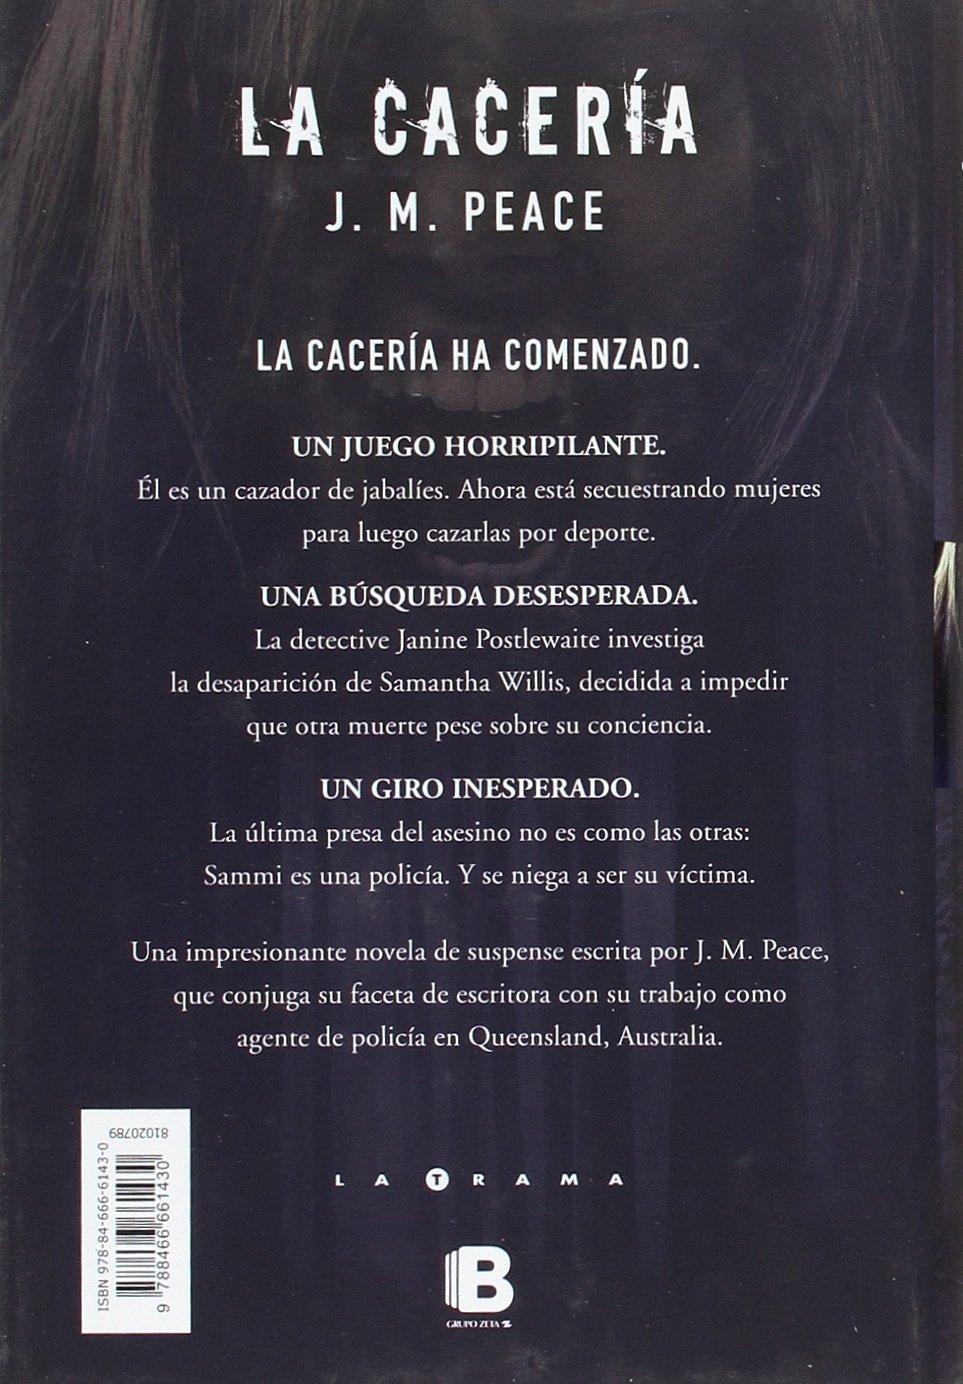 Resultado de imagen de sinopsis libro la caceria j. m. peace